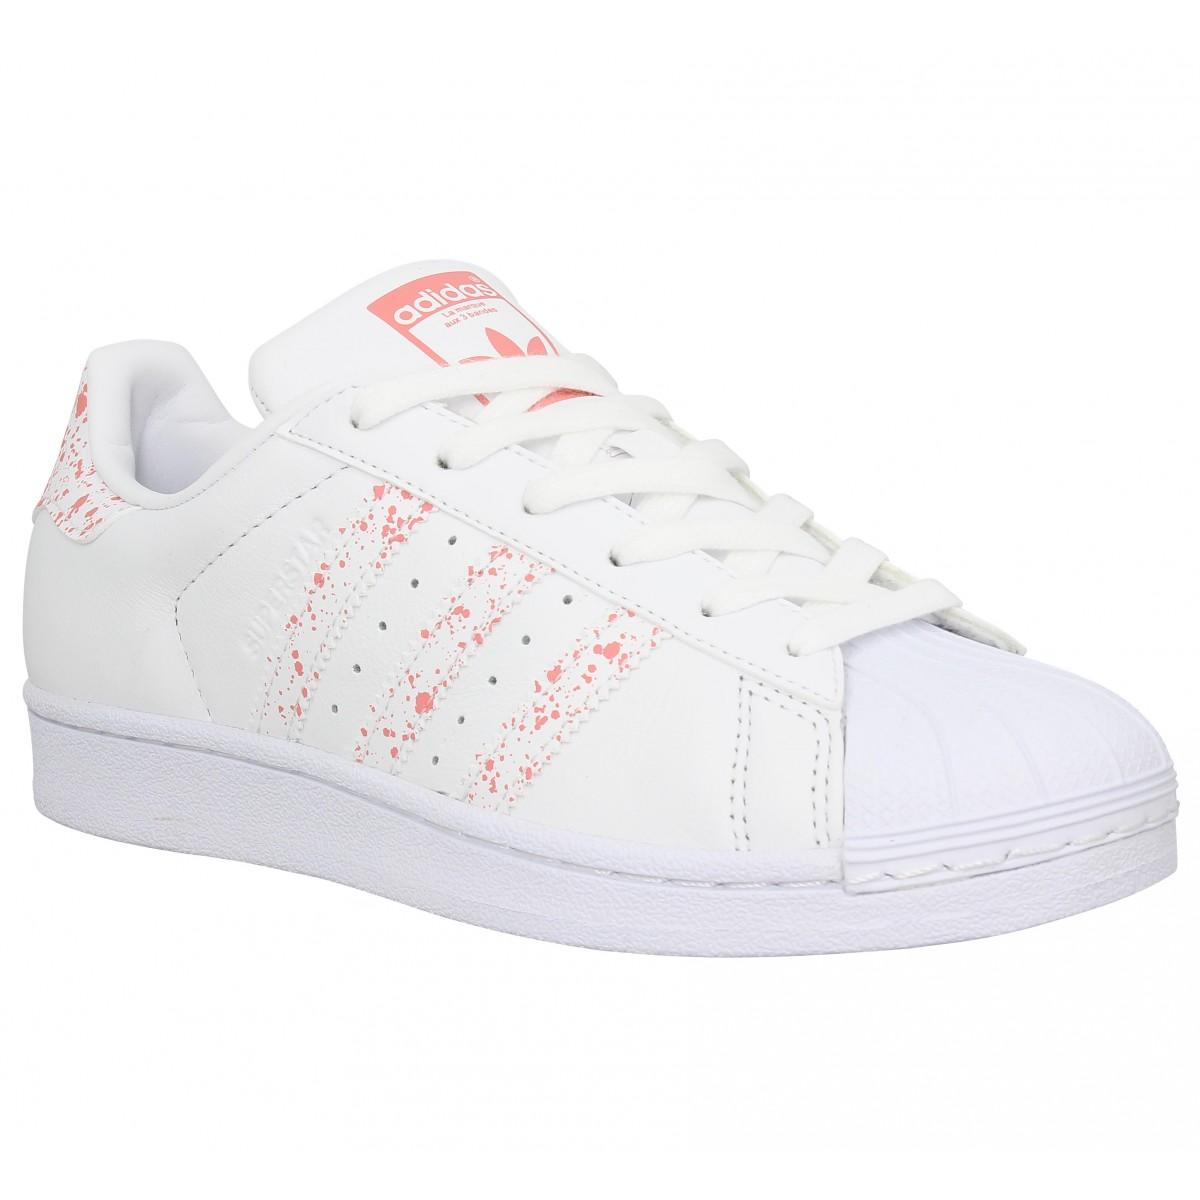 Sneaker fila femme